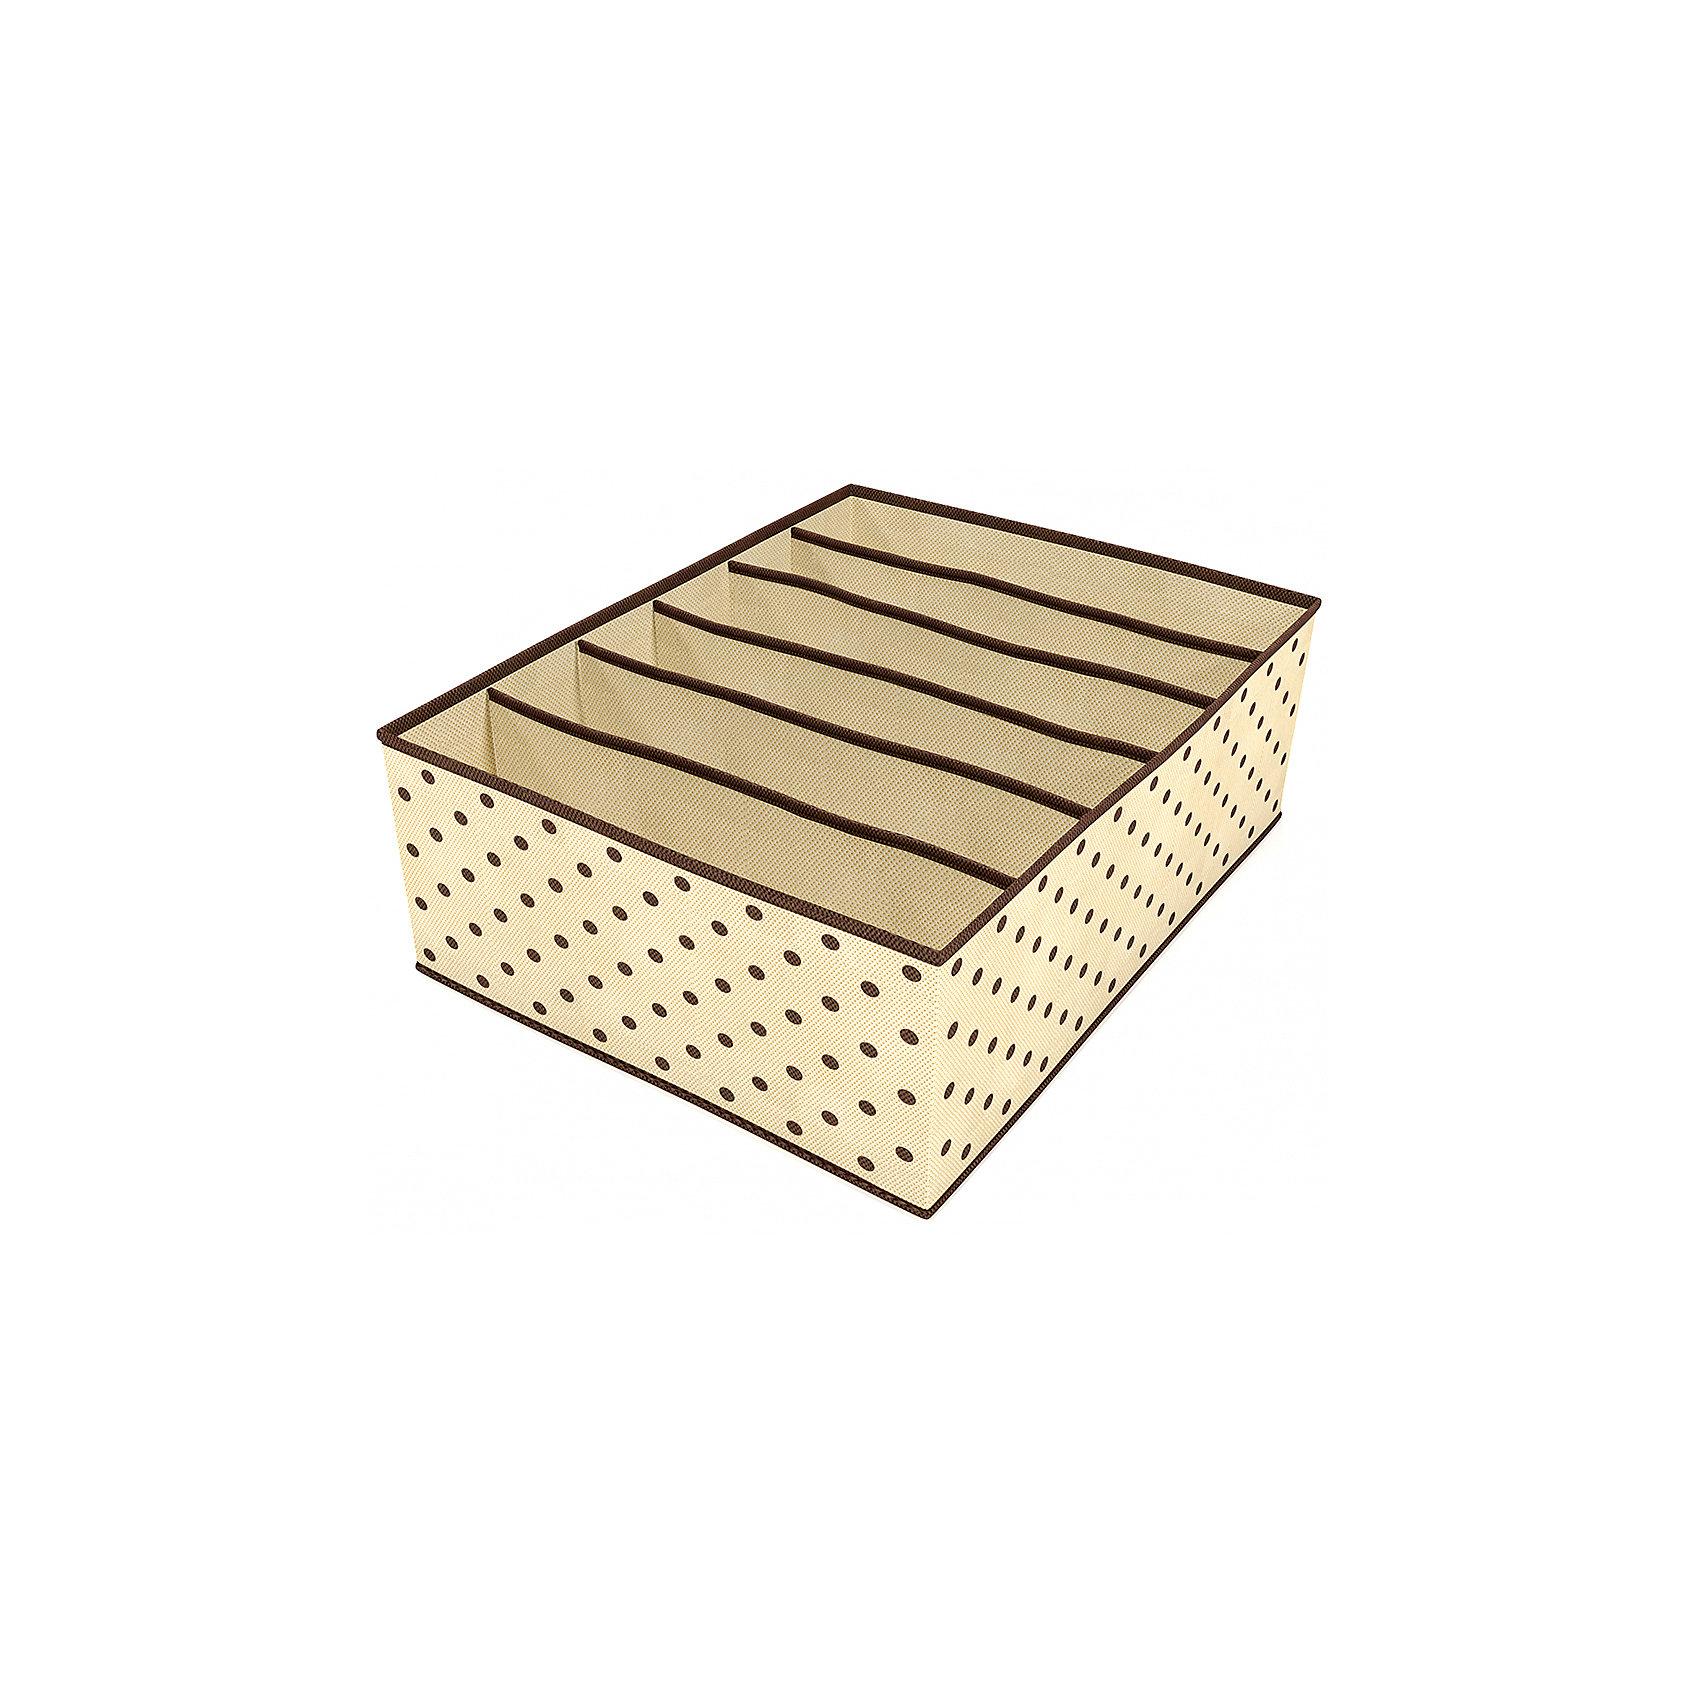 Органайзер для бюстгальтеров (6 секций), HomsuПорядок в детской<br>Характеристики товара:<br><br>• цвет: бежевый<br>• материал: полиэстер, картон<br>• размер: 31х24х11 см<br>• вес: 200 г<br>• легкий прочный каркас<br>• обеспечивает естественную вентиляцию<br>• вместимость: 6 отделений<br>• страна бренда: Россия<br>• страна изготовитель: Китай<br><br>Органайзер для бюстгальтеров на 6 секций от бренда Homsu (Хомсу) - очень удобная вещь для хранения вещей и эргономичной организации пространства.<br><br>Он легкий, устойчивый, вместительный, обеспечивает естественную вентиляцию.<br><br>Органайзер для бюстгальтеров (6 секций), Homsu можно купить в нашем интернет-магазине.<br><br>Ширина мм: 530<br>Глубина мм: 110<br>Высота мм: 20<br>Вес г: 200<br>Возраст от месяцев: 216<br>Возраст до месяцев: 1188<br>Пол: Женский<br>Возраст: Детский<br>SKU: 5620096